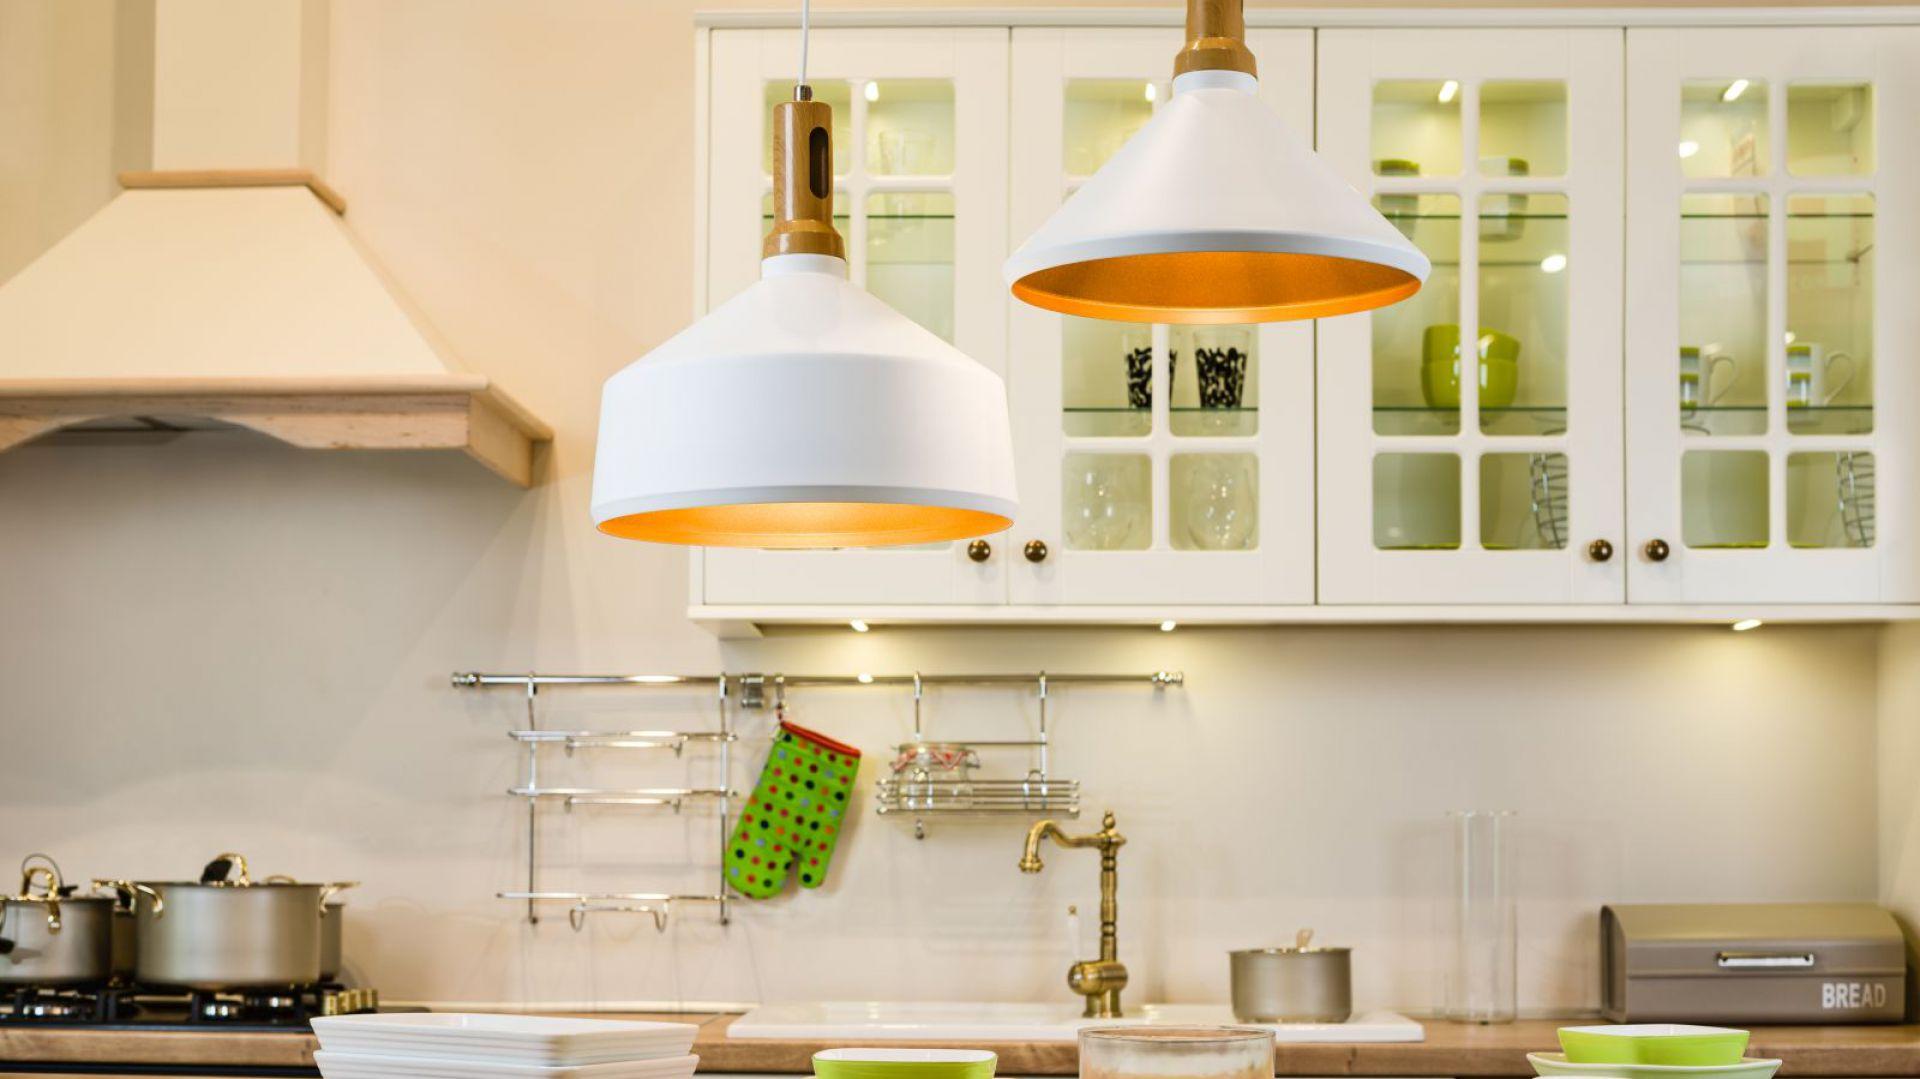 Oświetlenie W Kuchni Jak Wybrać Odpowiednie Lampy